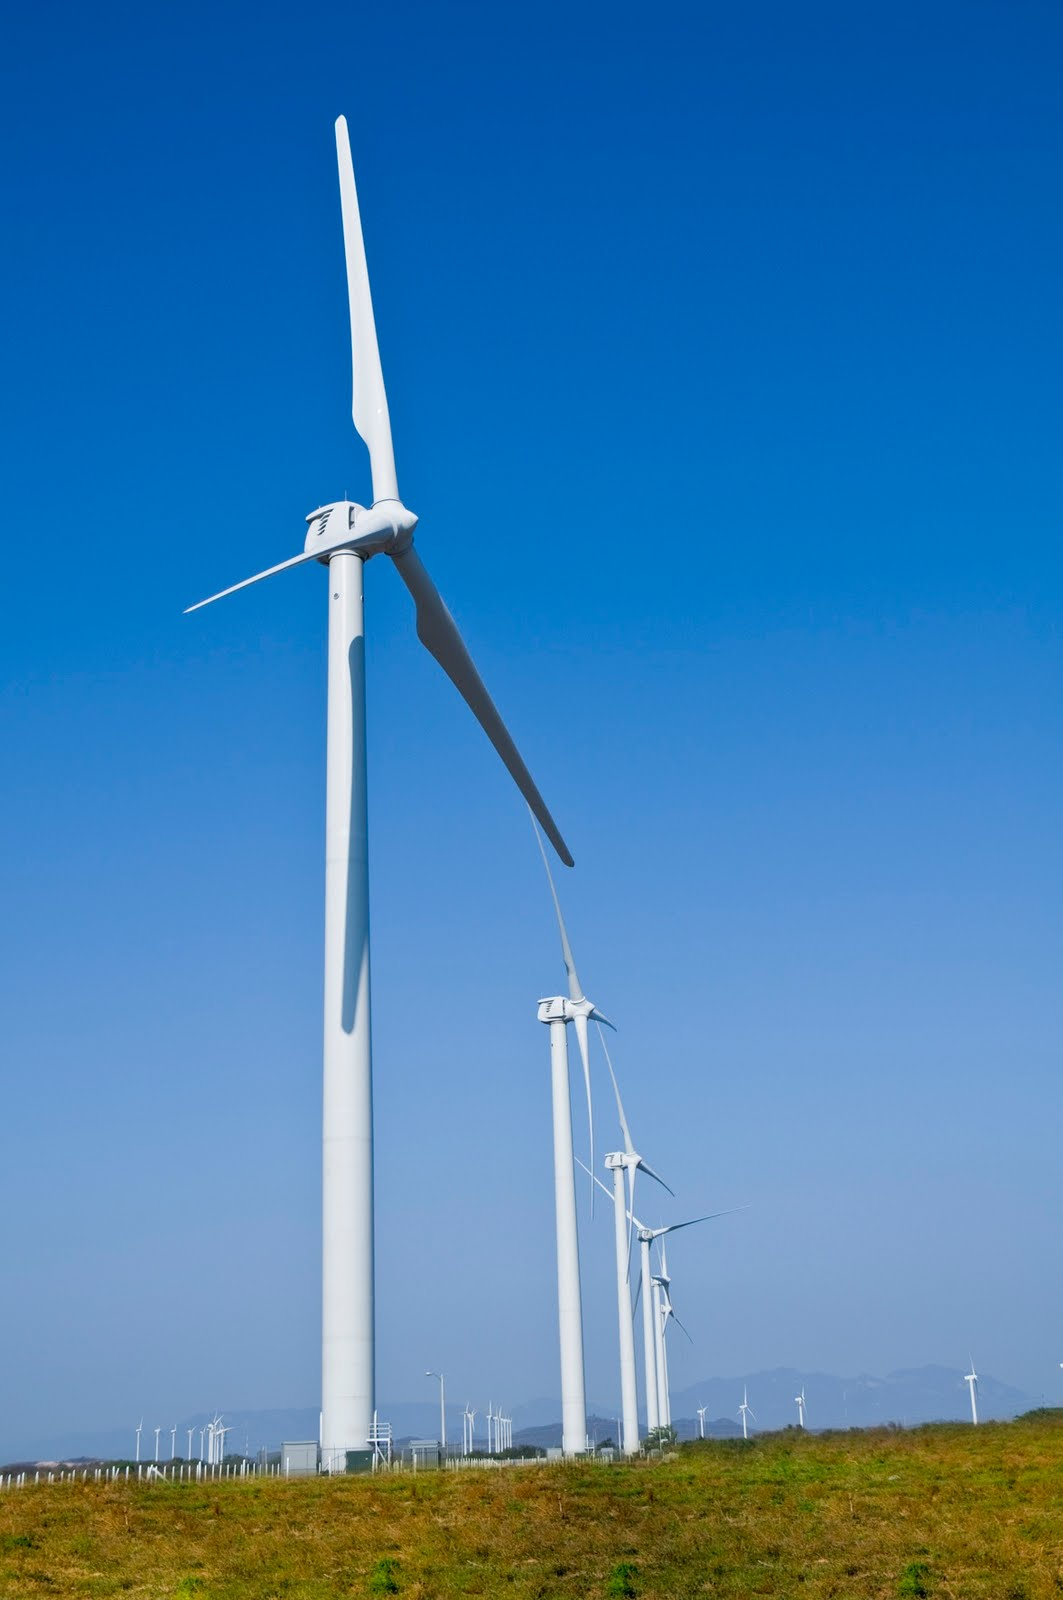 http://2.bp.blogspot.com/-nuNFy1fAIwc/TefrmZh0B6I/AAAAAAAAAwU/9UQNUZD1Ahg/s1600/Oaxaca_I_Lamatalaventosa_Wind_Farm.jpg